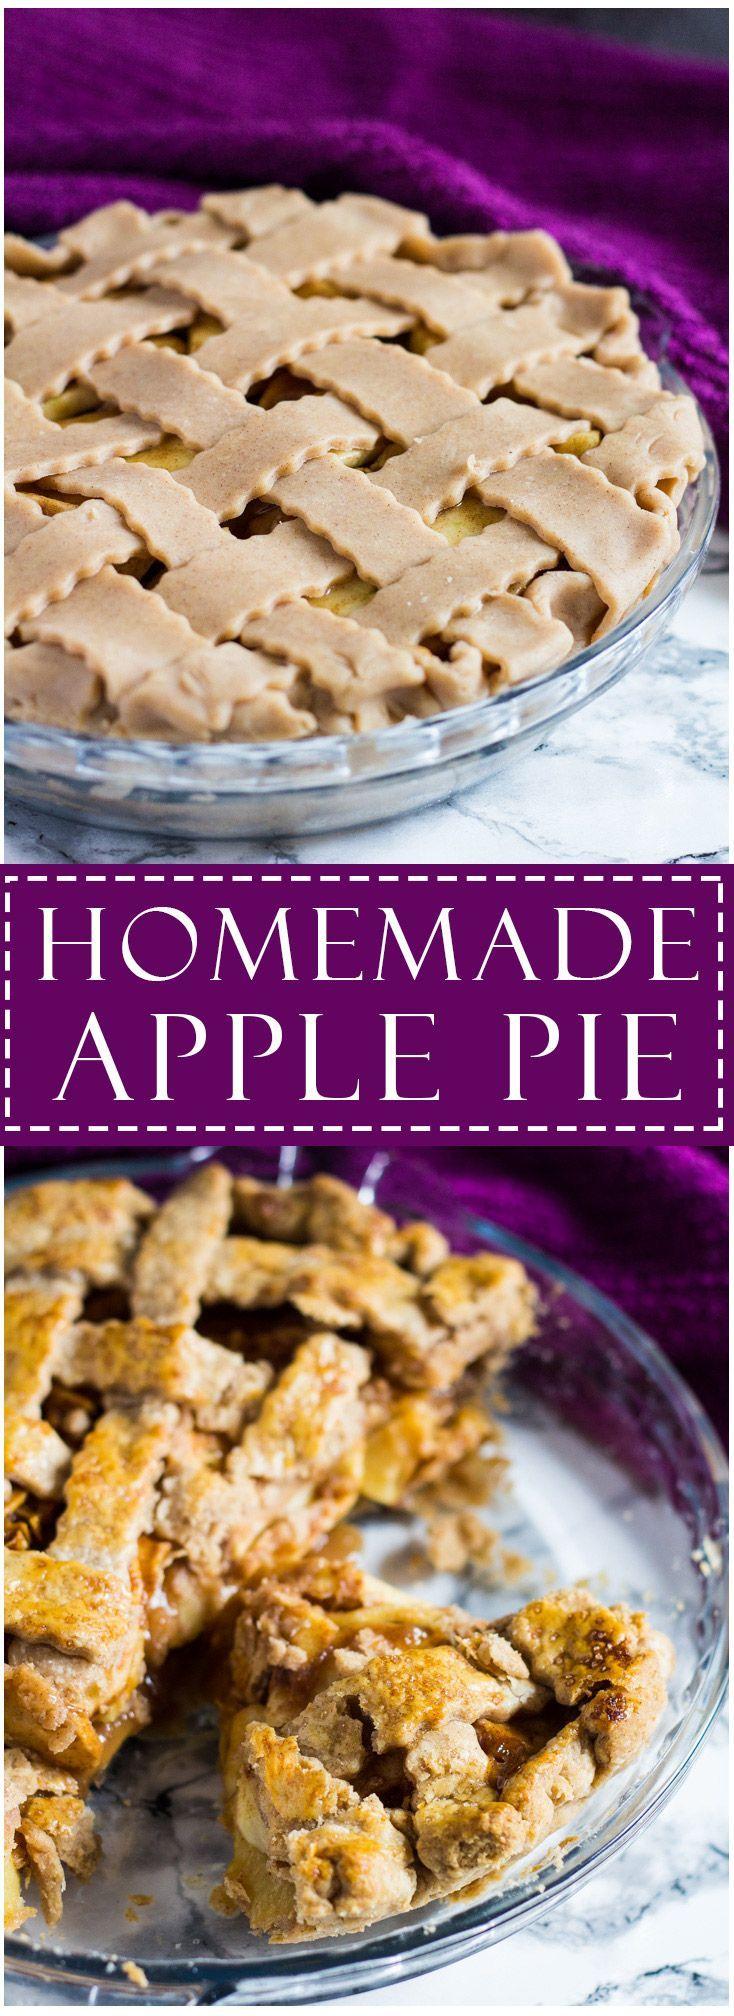 Homemade Apple Pie | http://marshasbakingaddiction.com /marshasbakeblog/